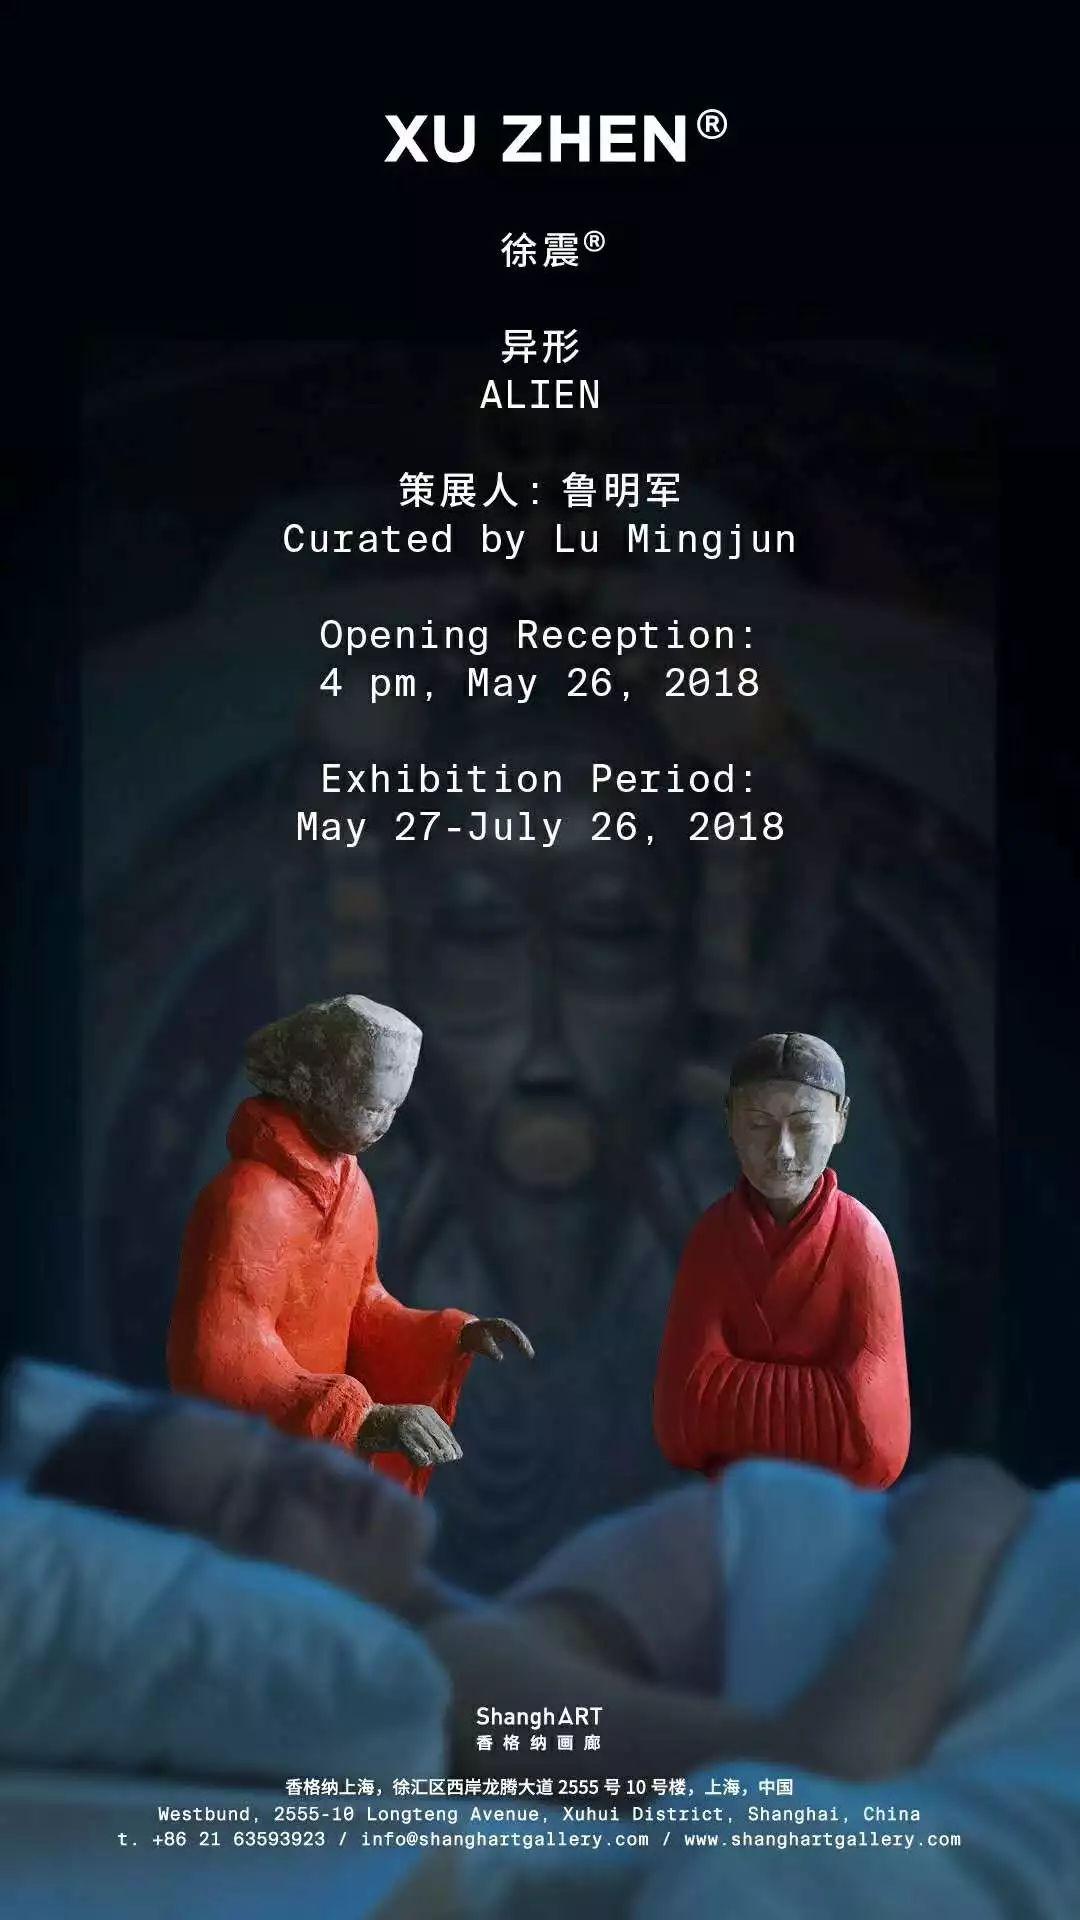 展览活动:5月末北京、上海展览-BlueDotCC, 蓝点文化创意